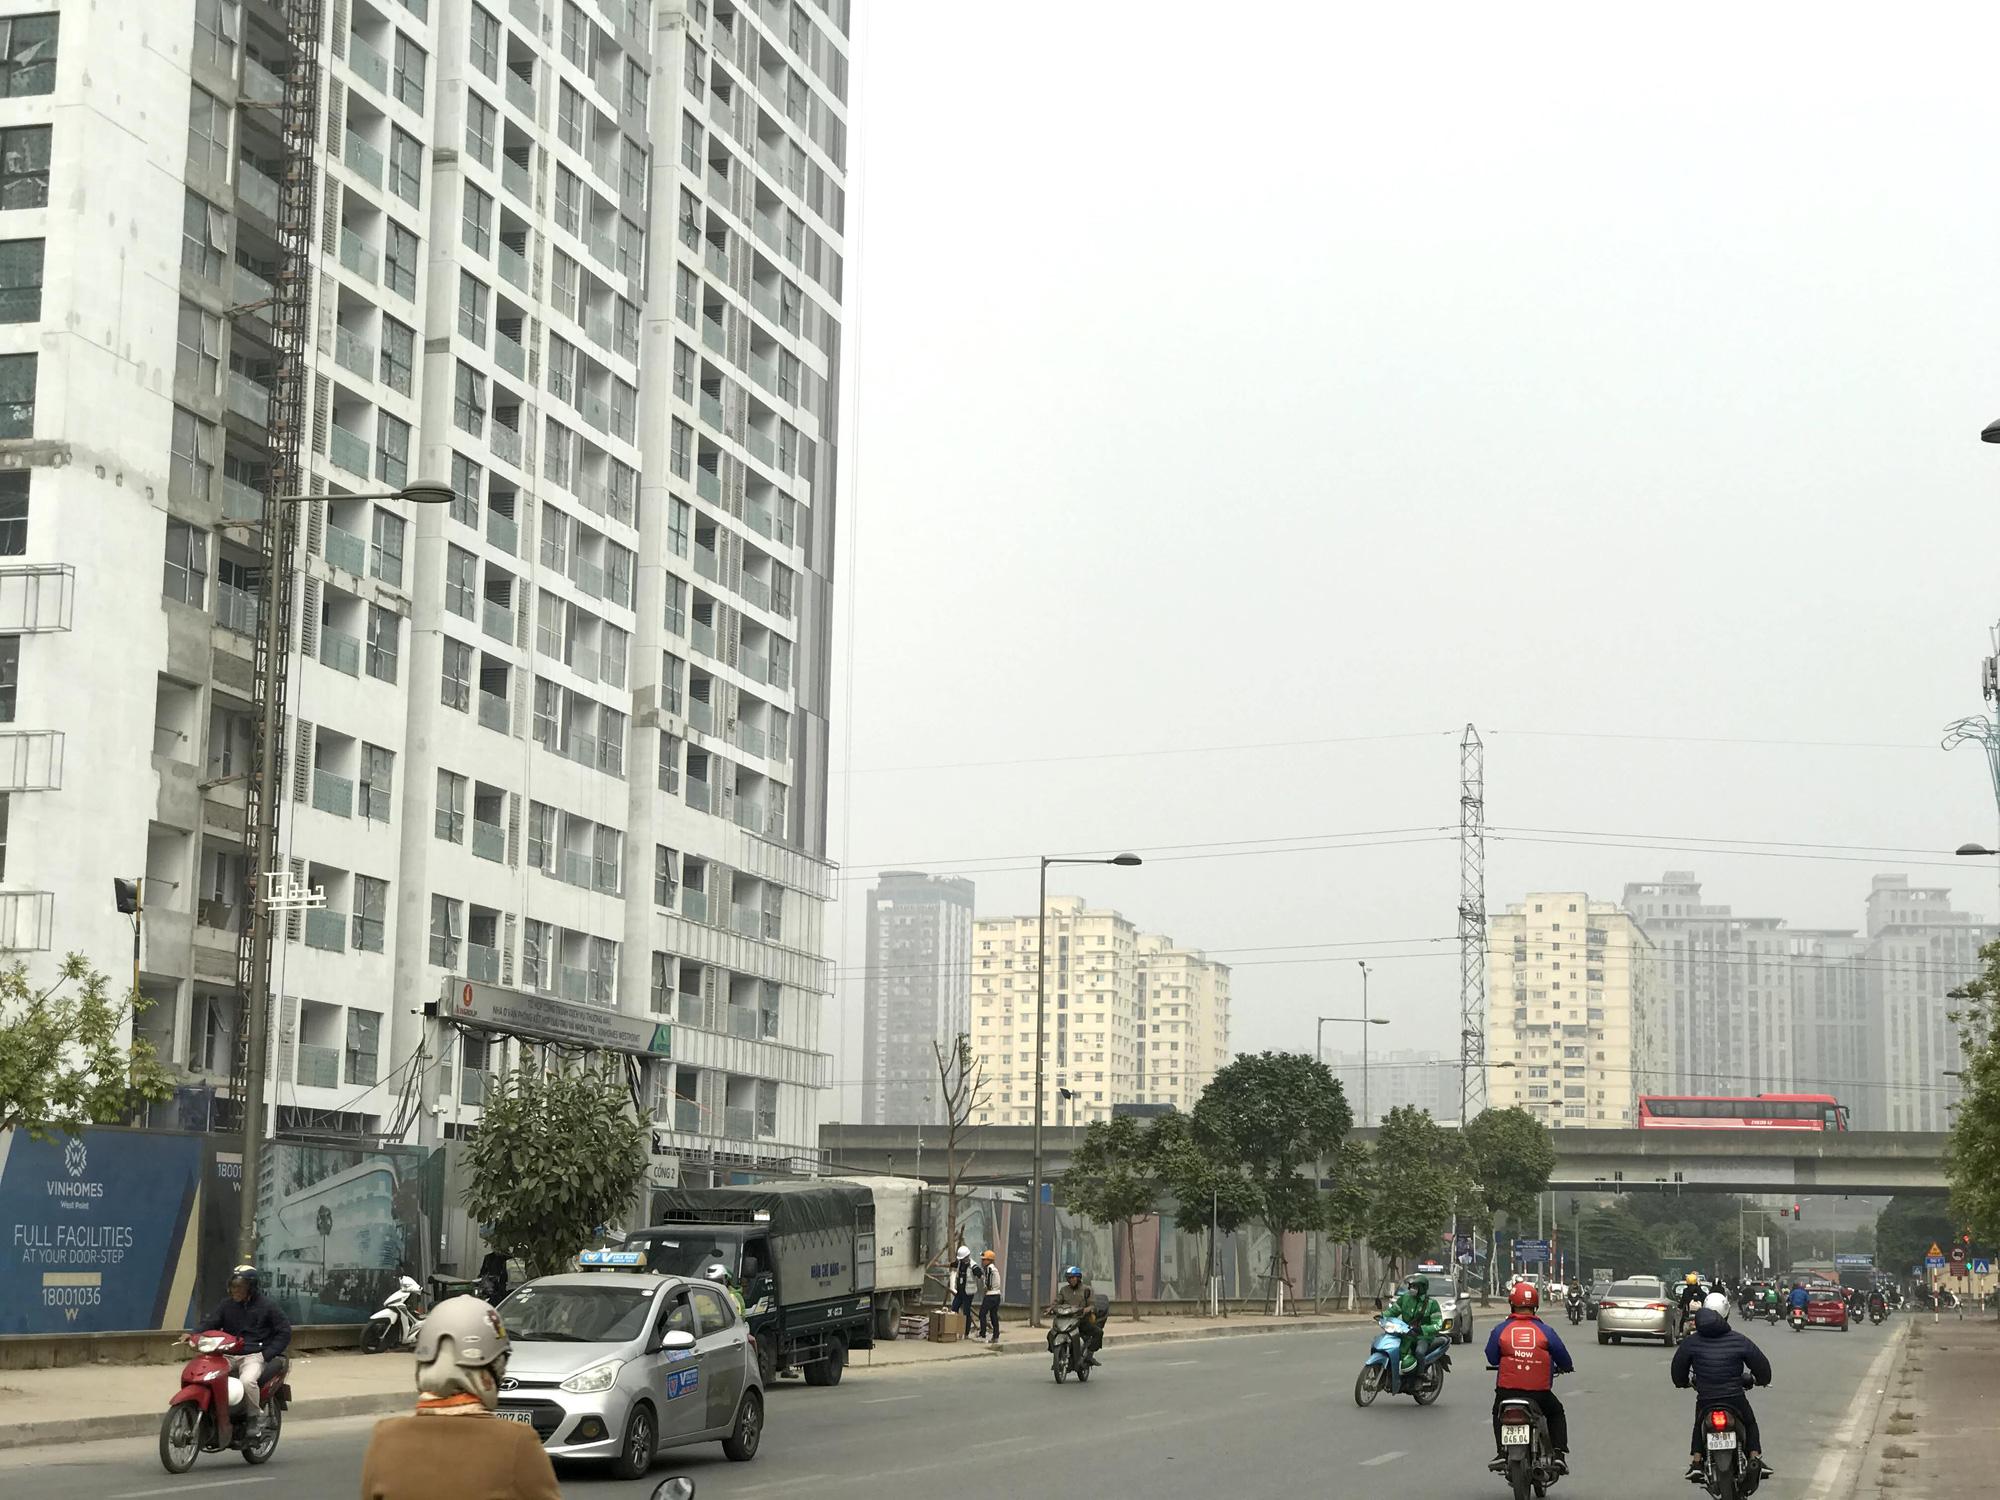 Du-an-dang-mo-ban-o-Ha-Noi-Vinhomes-West-Point-tren-duong-Pham-Hung-du-kien-ban-giao-thang-4-2020-5